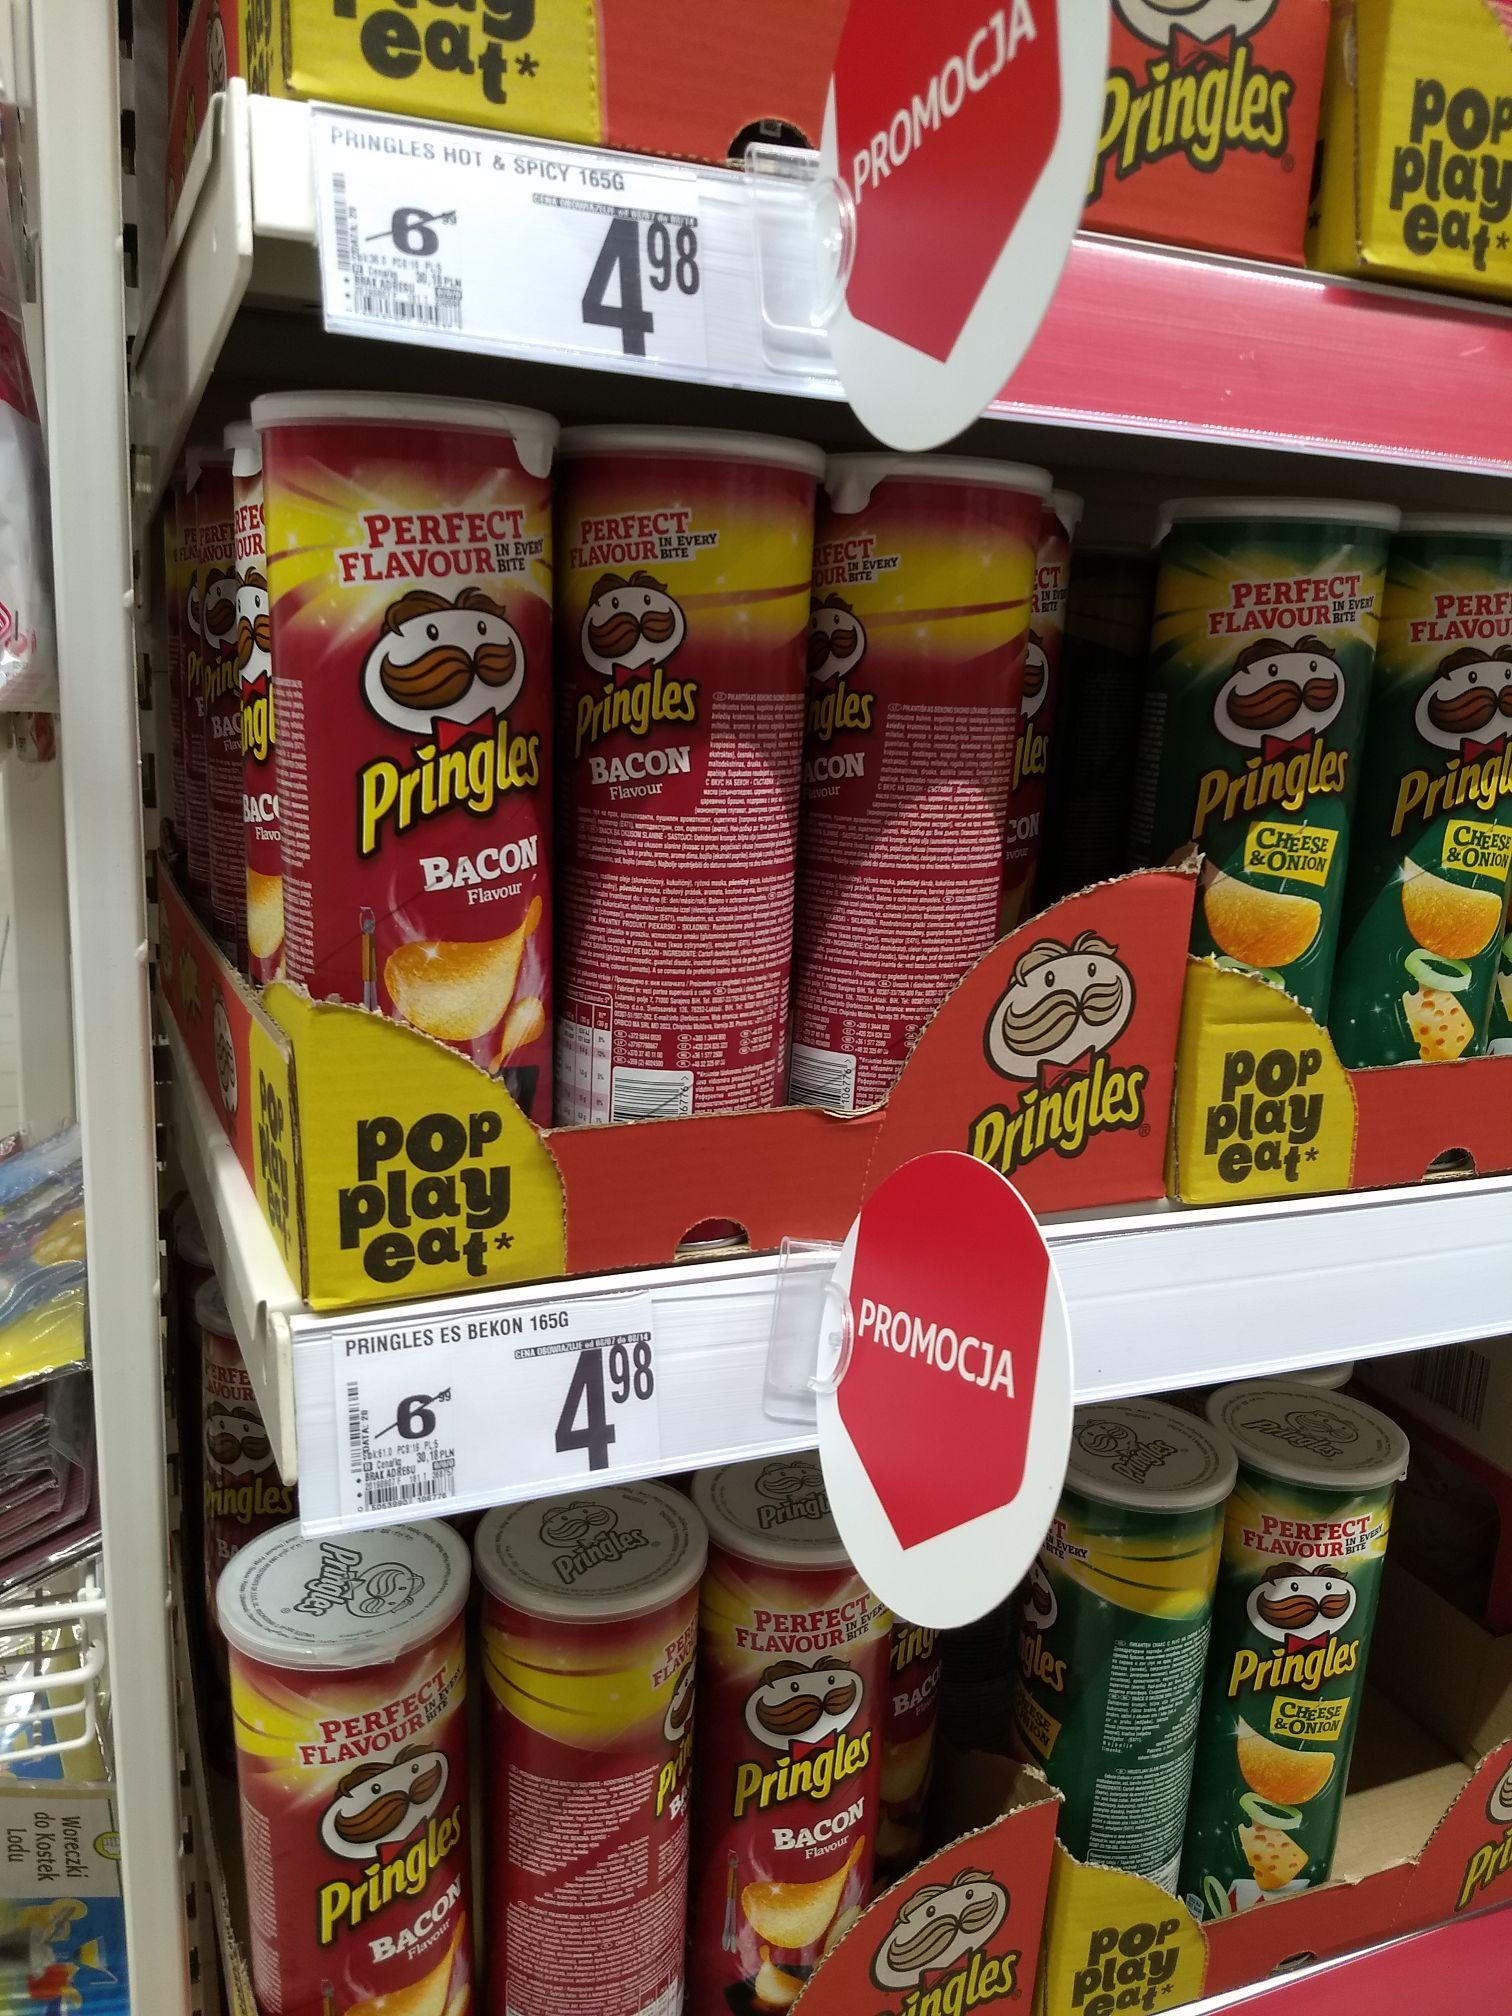 Promocja na pringles w Auchan - wygląda że wszystkie smaki.